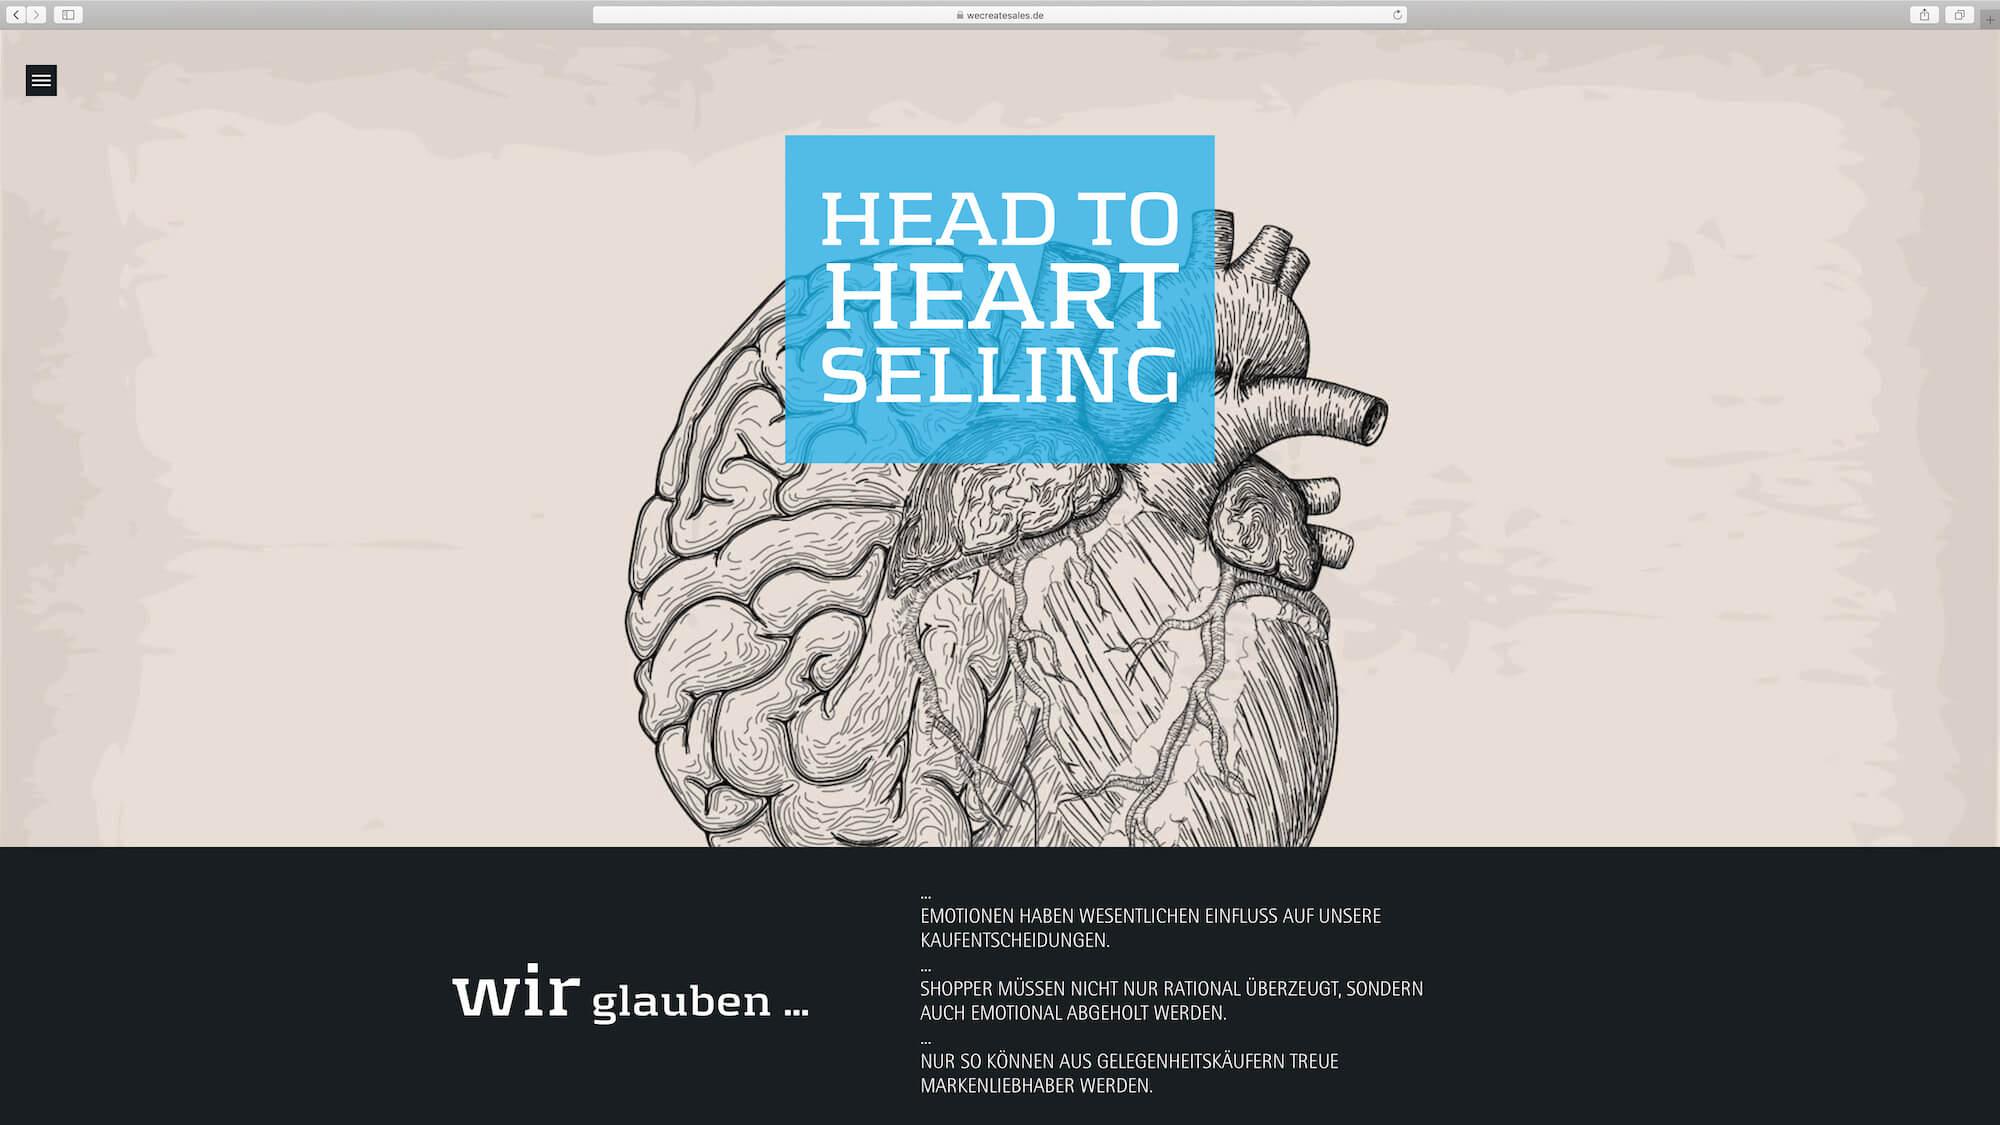 jung und billig werbeagentur we create sales brandwork 5 - Brandwork